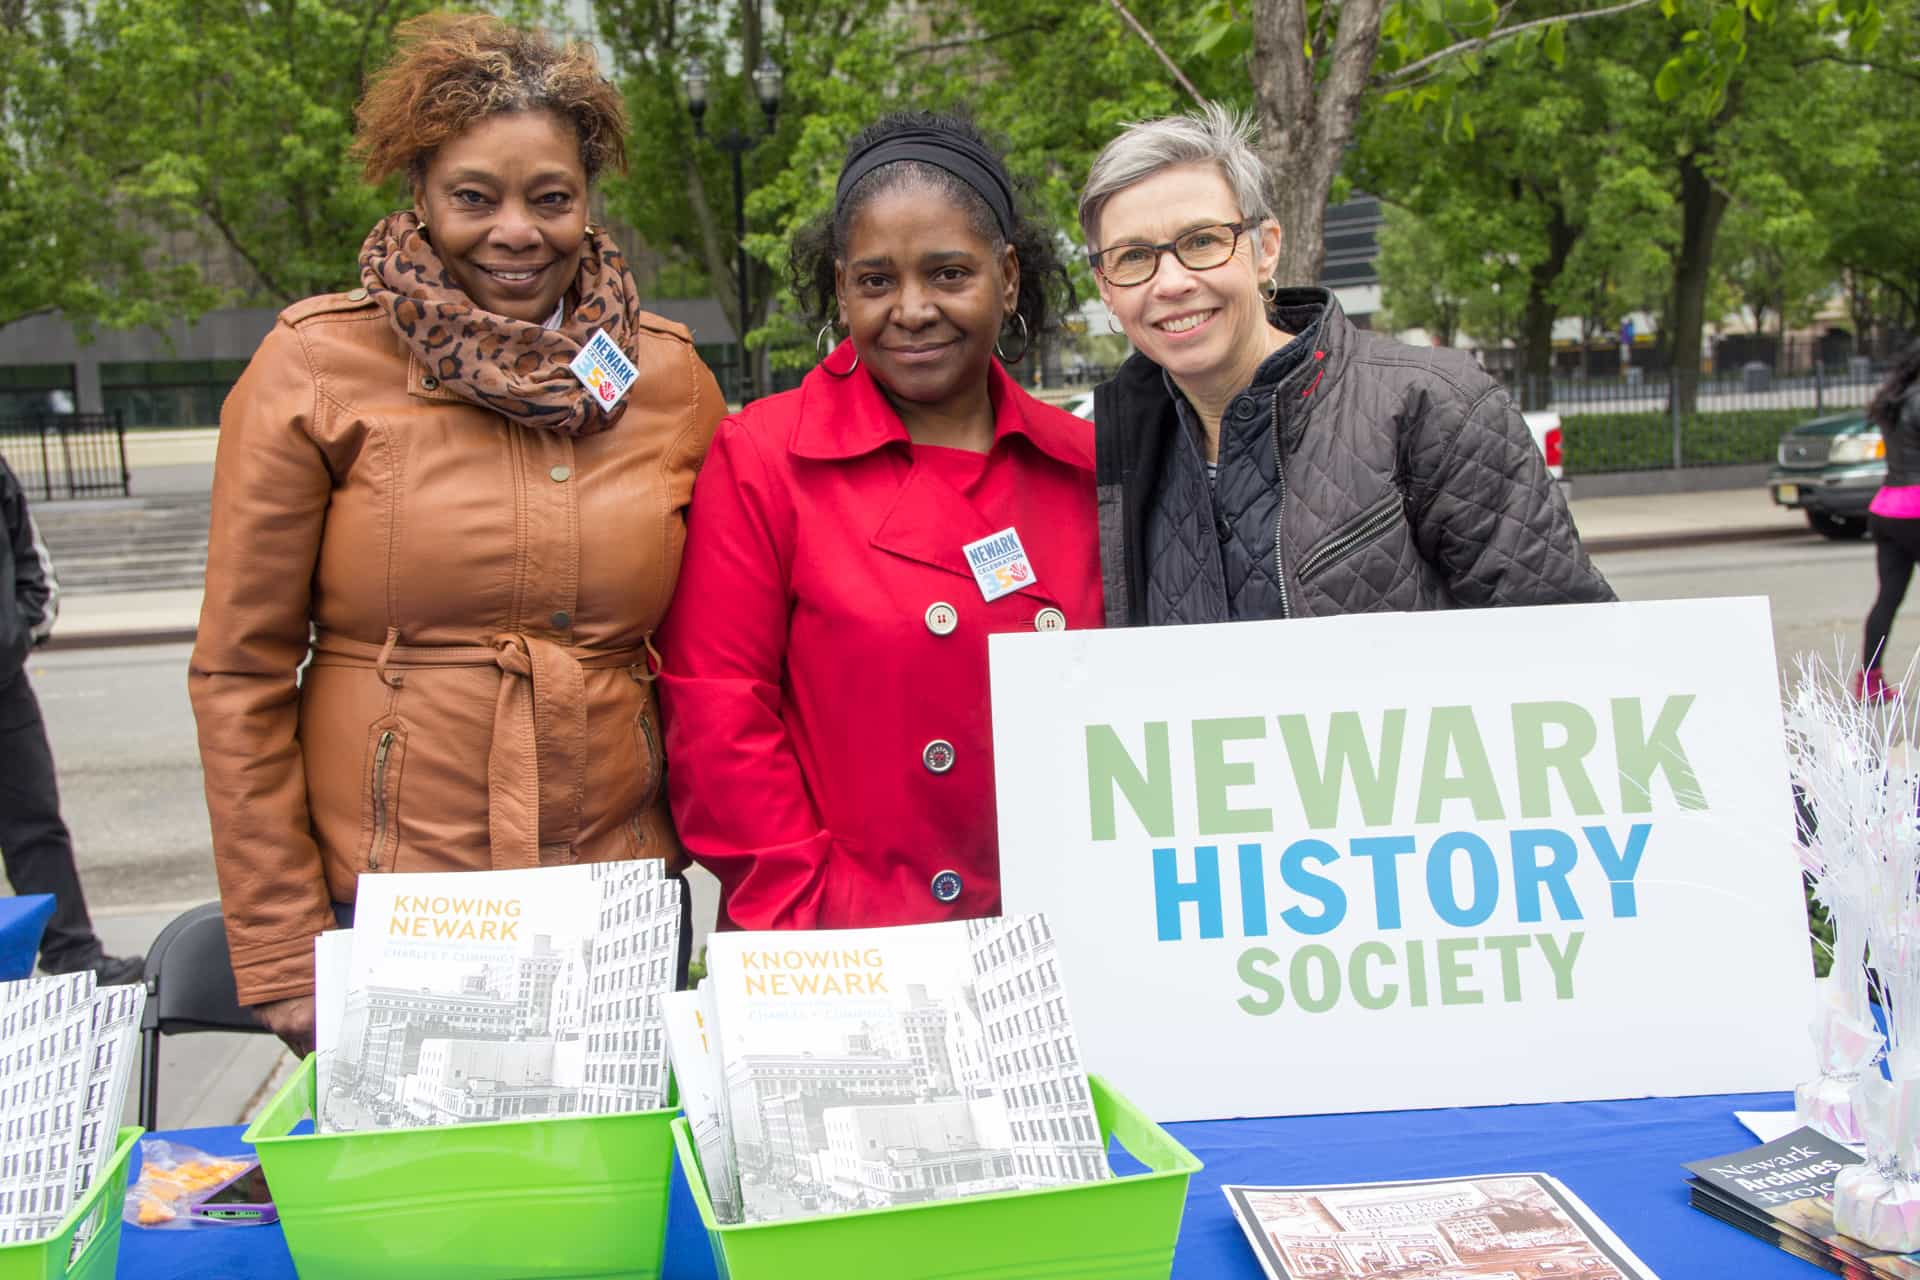 nc350, fwf, newark history society